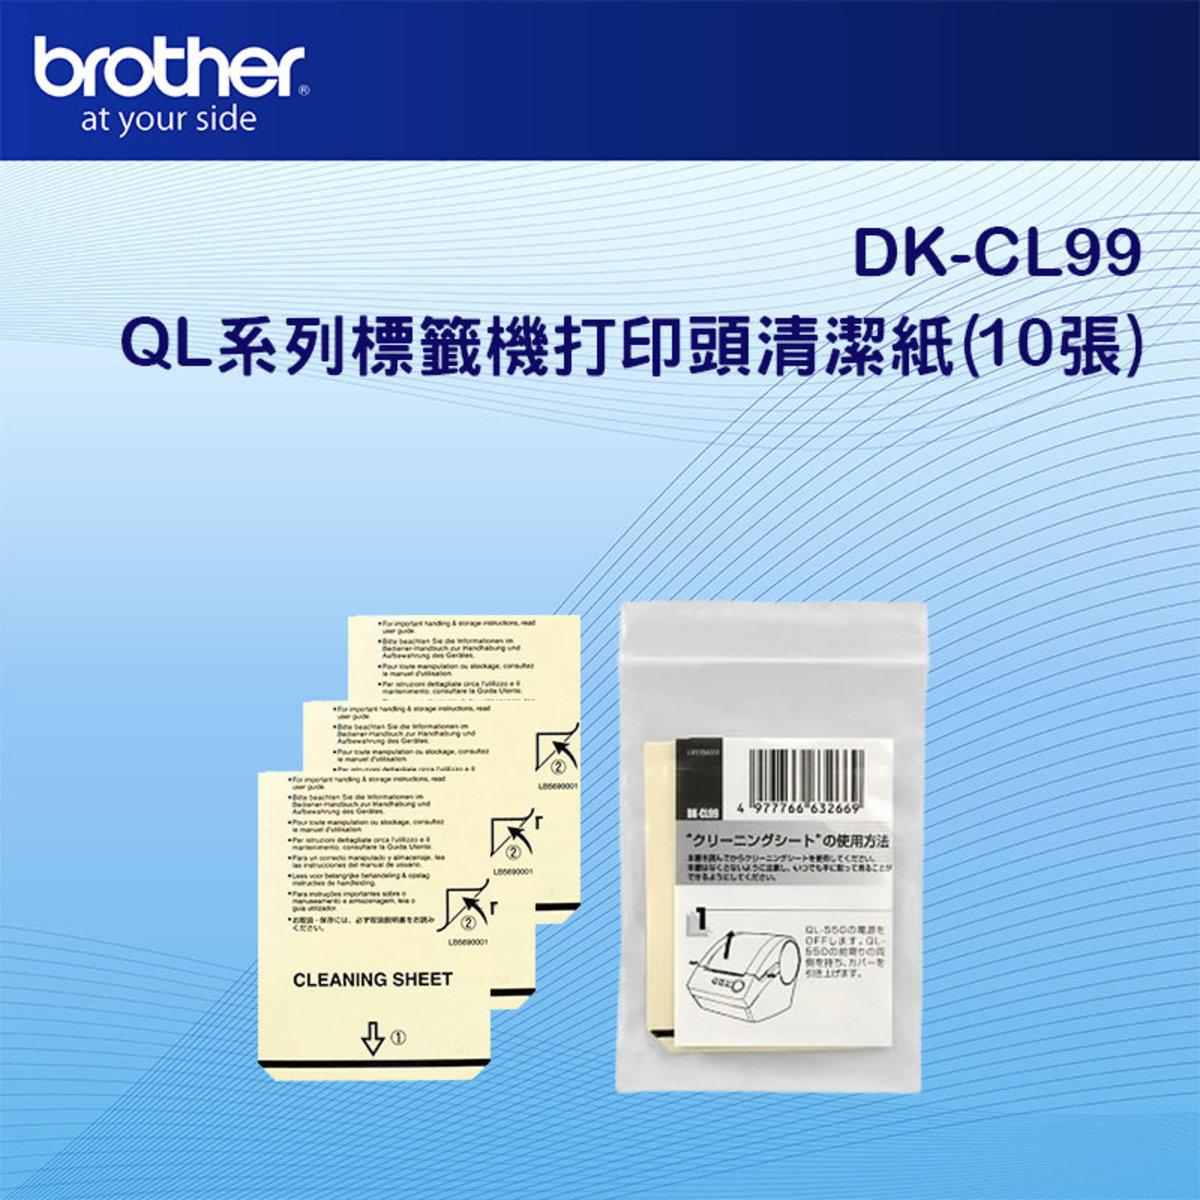 DKCL99-打印頭清潔用標籤帶-(QL-570, QL-580N, QL-700, QL-720NW)